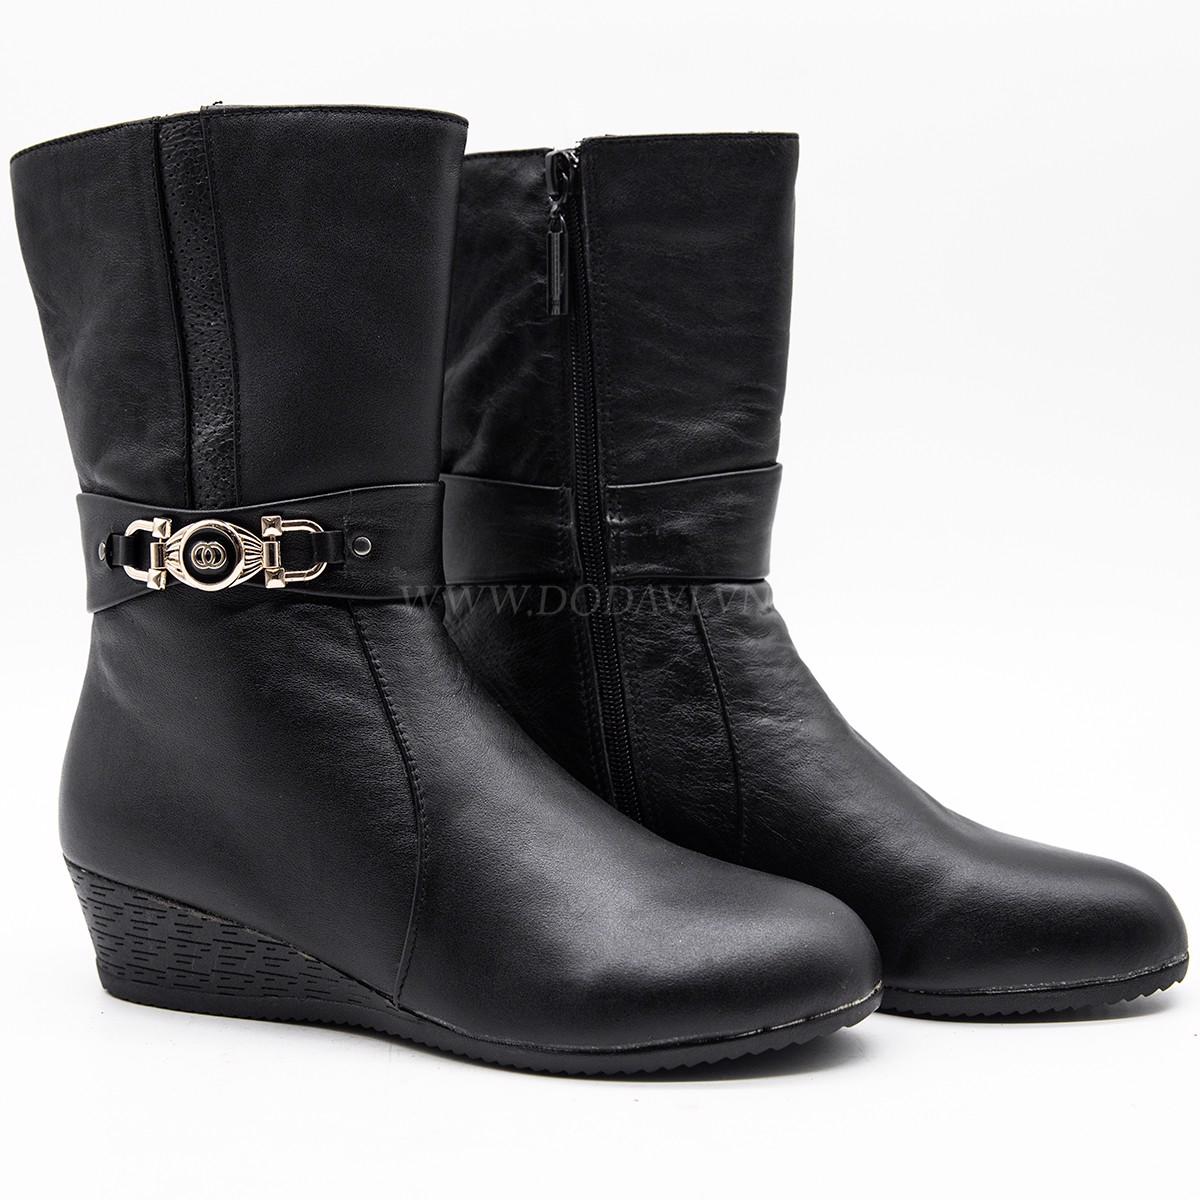 Boot da nữ cổ lửng MS016N37